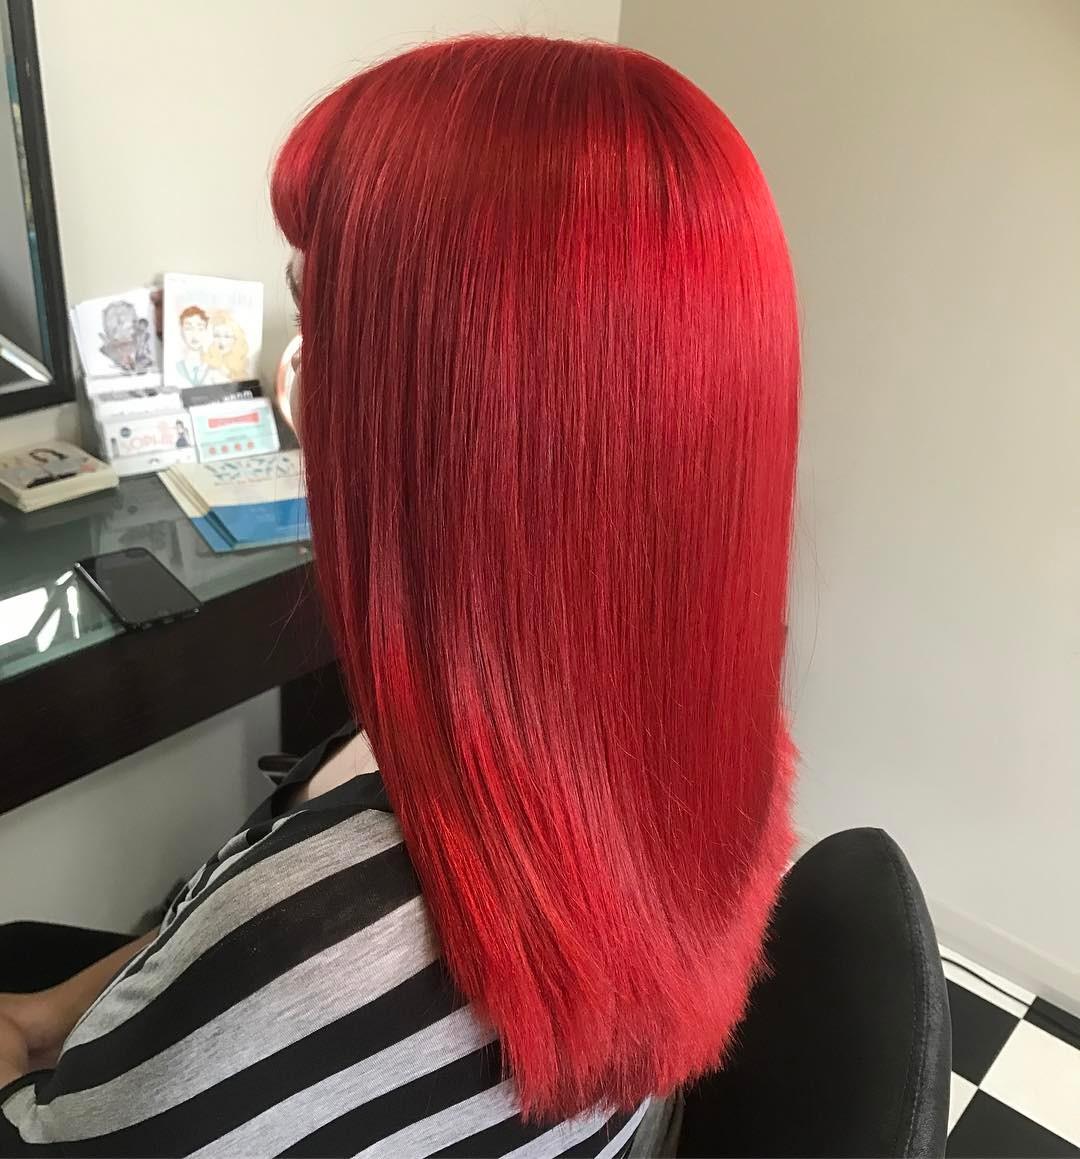 Stunning Bright Red Hairs